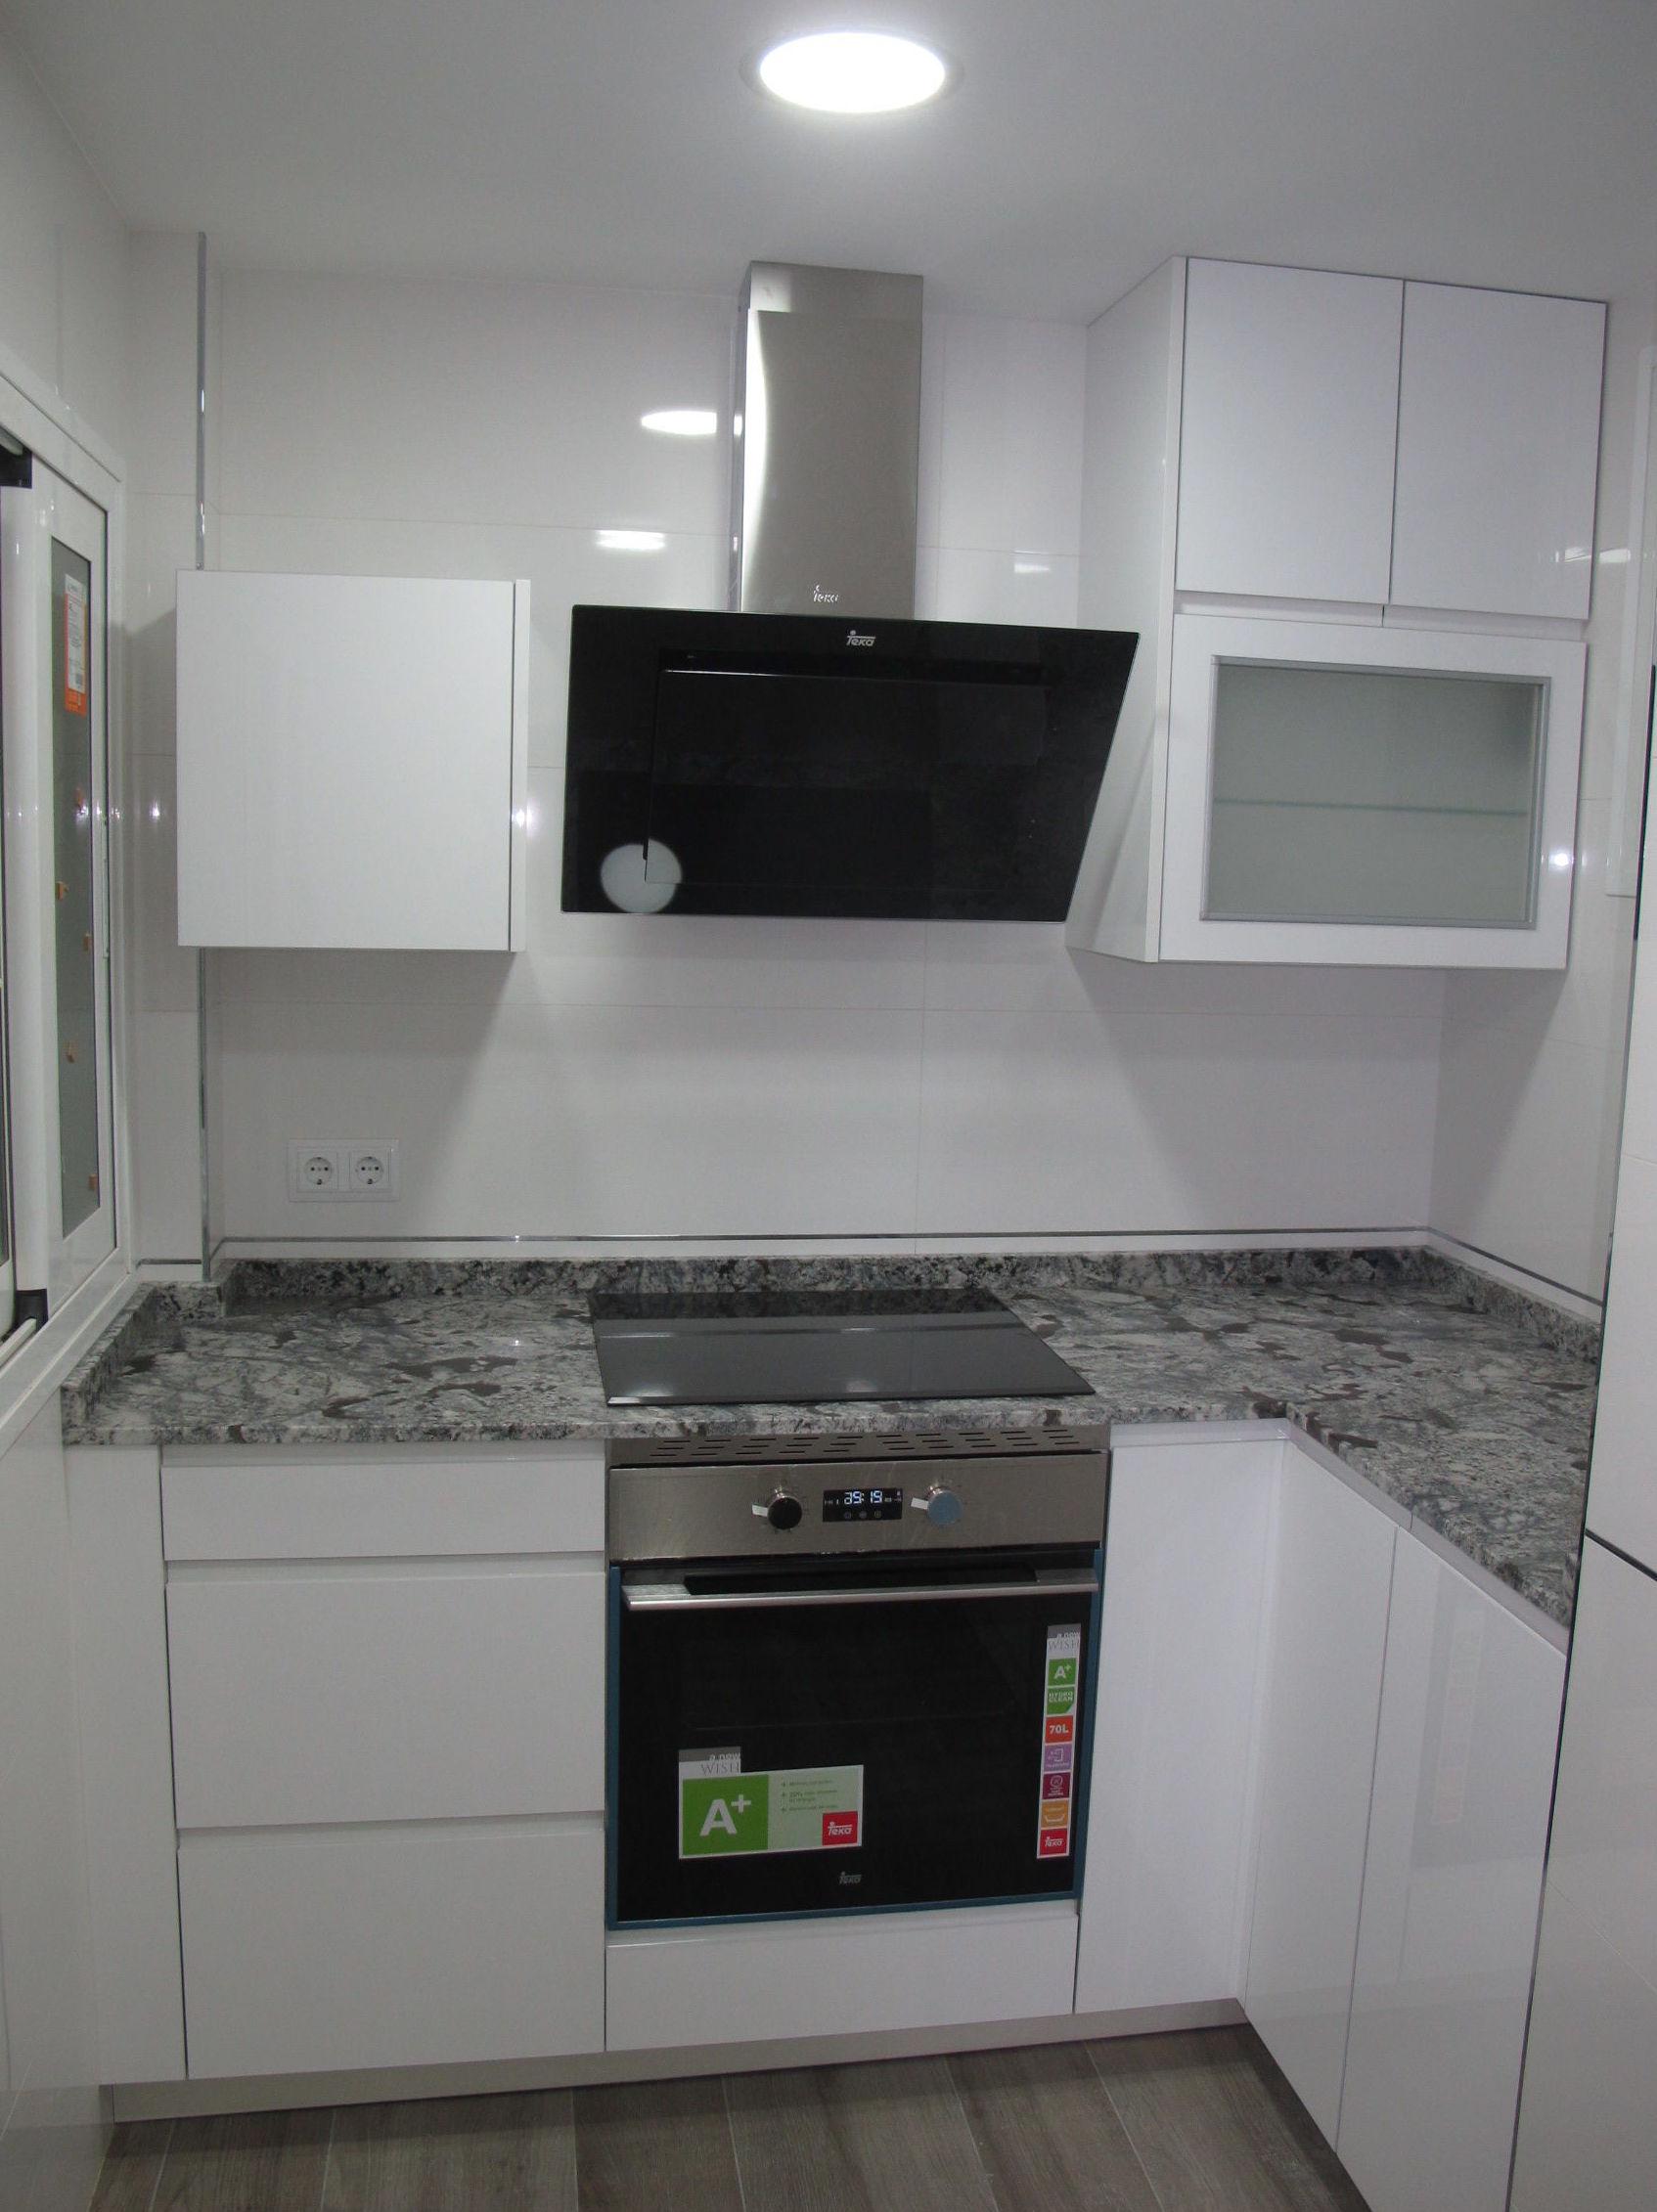 Muebles de cocina proyecto realizado en leganes for Proyecto muebles de cocina